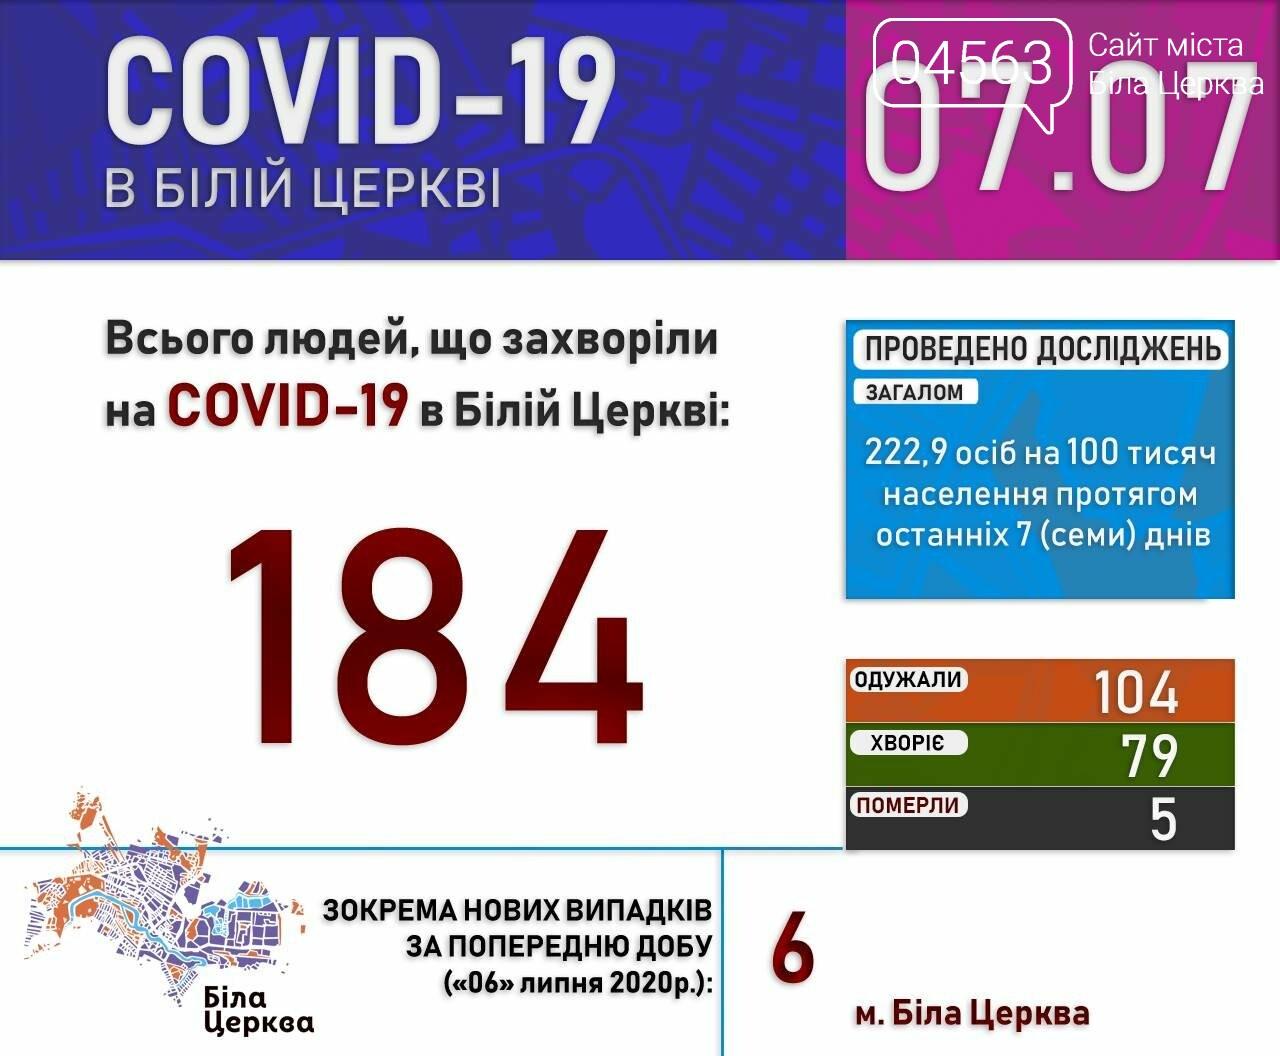 Поточна ситуація в Білій Церкві щодо кількості хворих на COVID-19 на 07.07.2020 року, фото-1